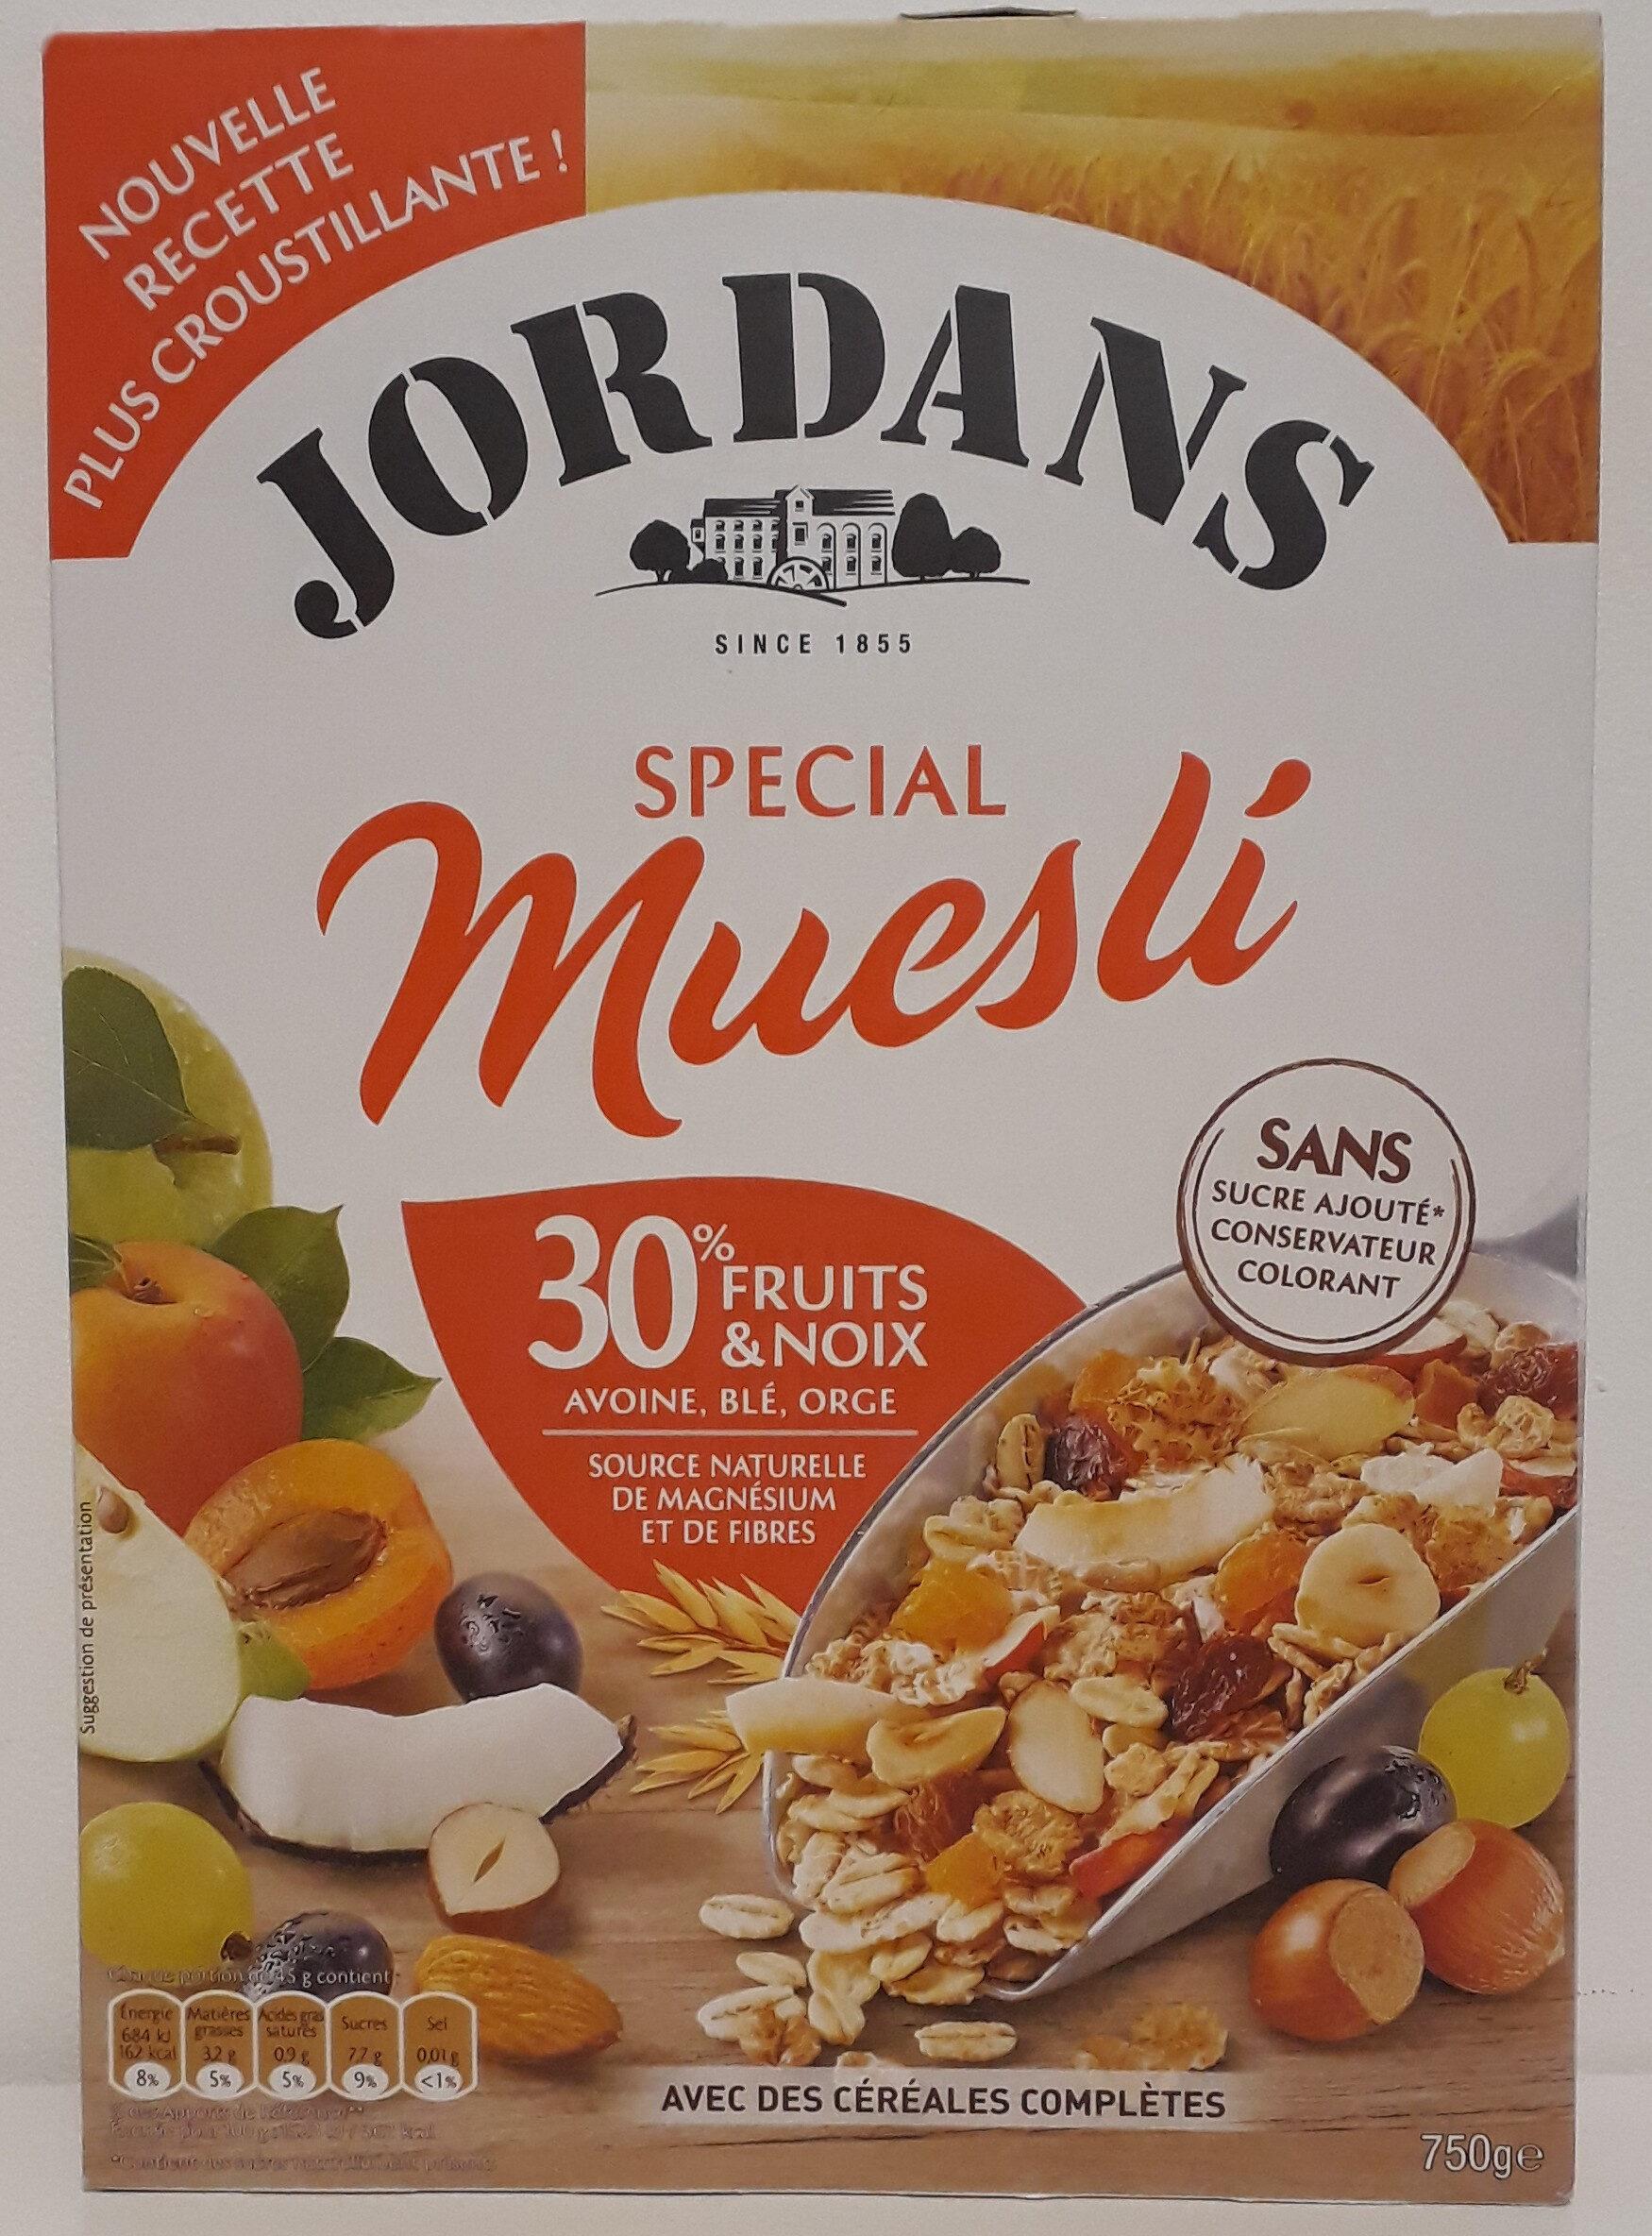 Special Muesli 30% fruits & noix céréales complètes - Product - fr